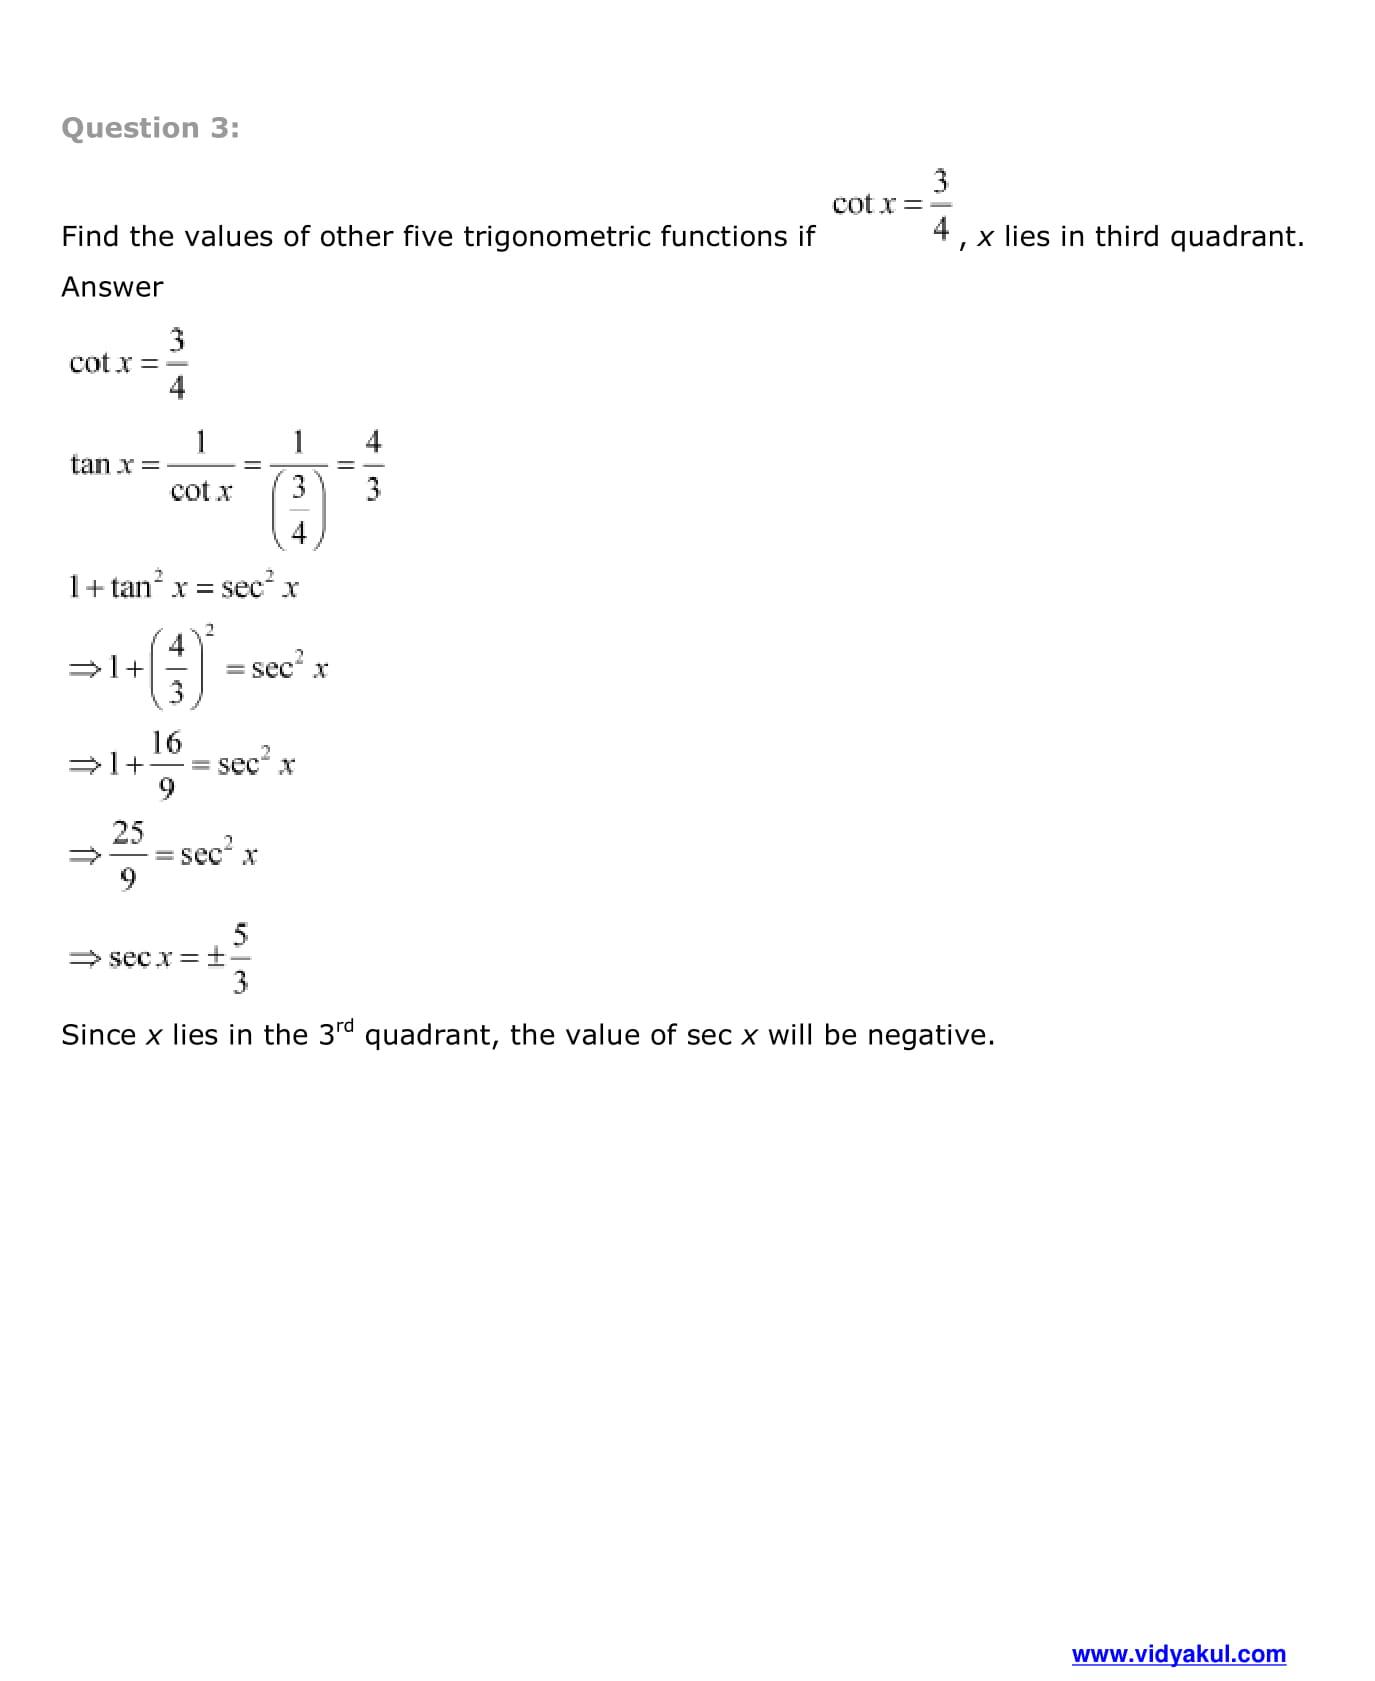 NCERT Solutions Class 11 Maths Chapter 3 | Vidyakul